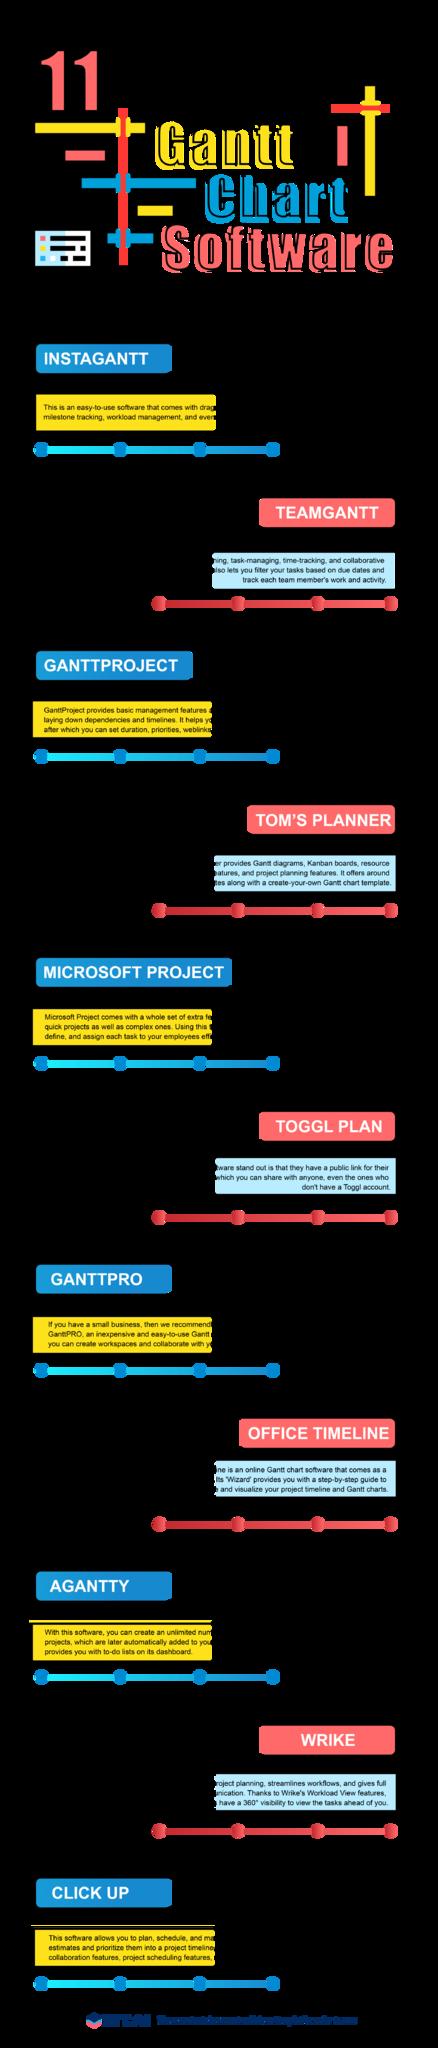 Gantt chart software infographic